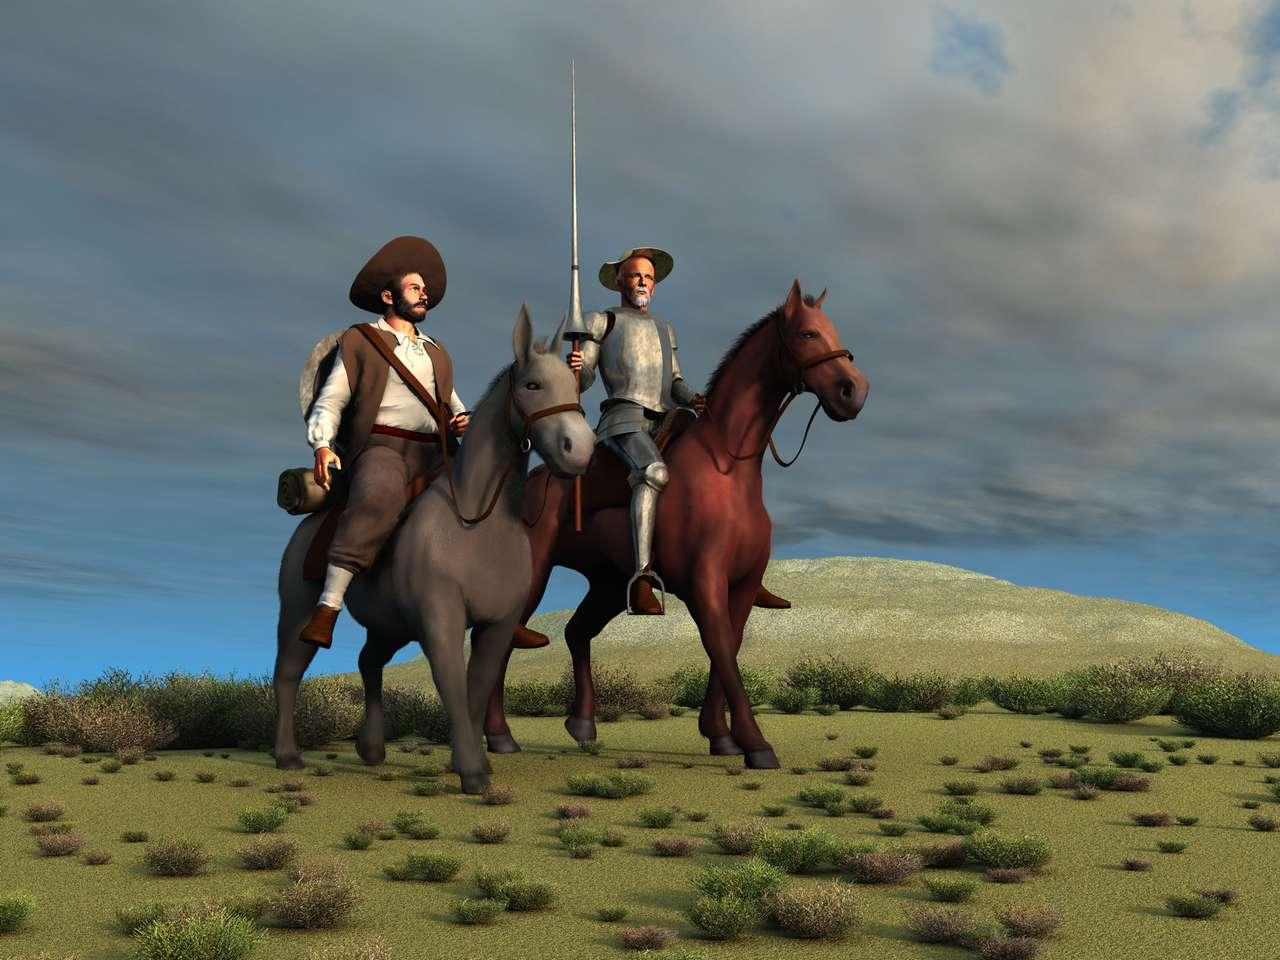 Mężczyźni na koniach